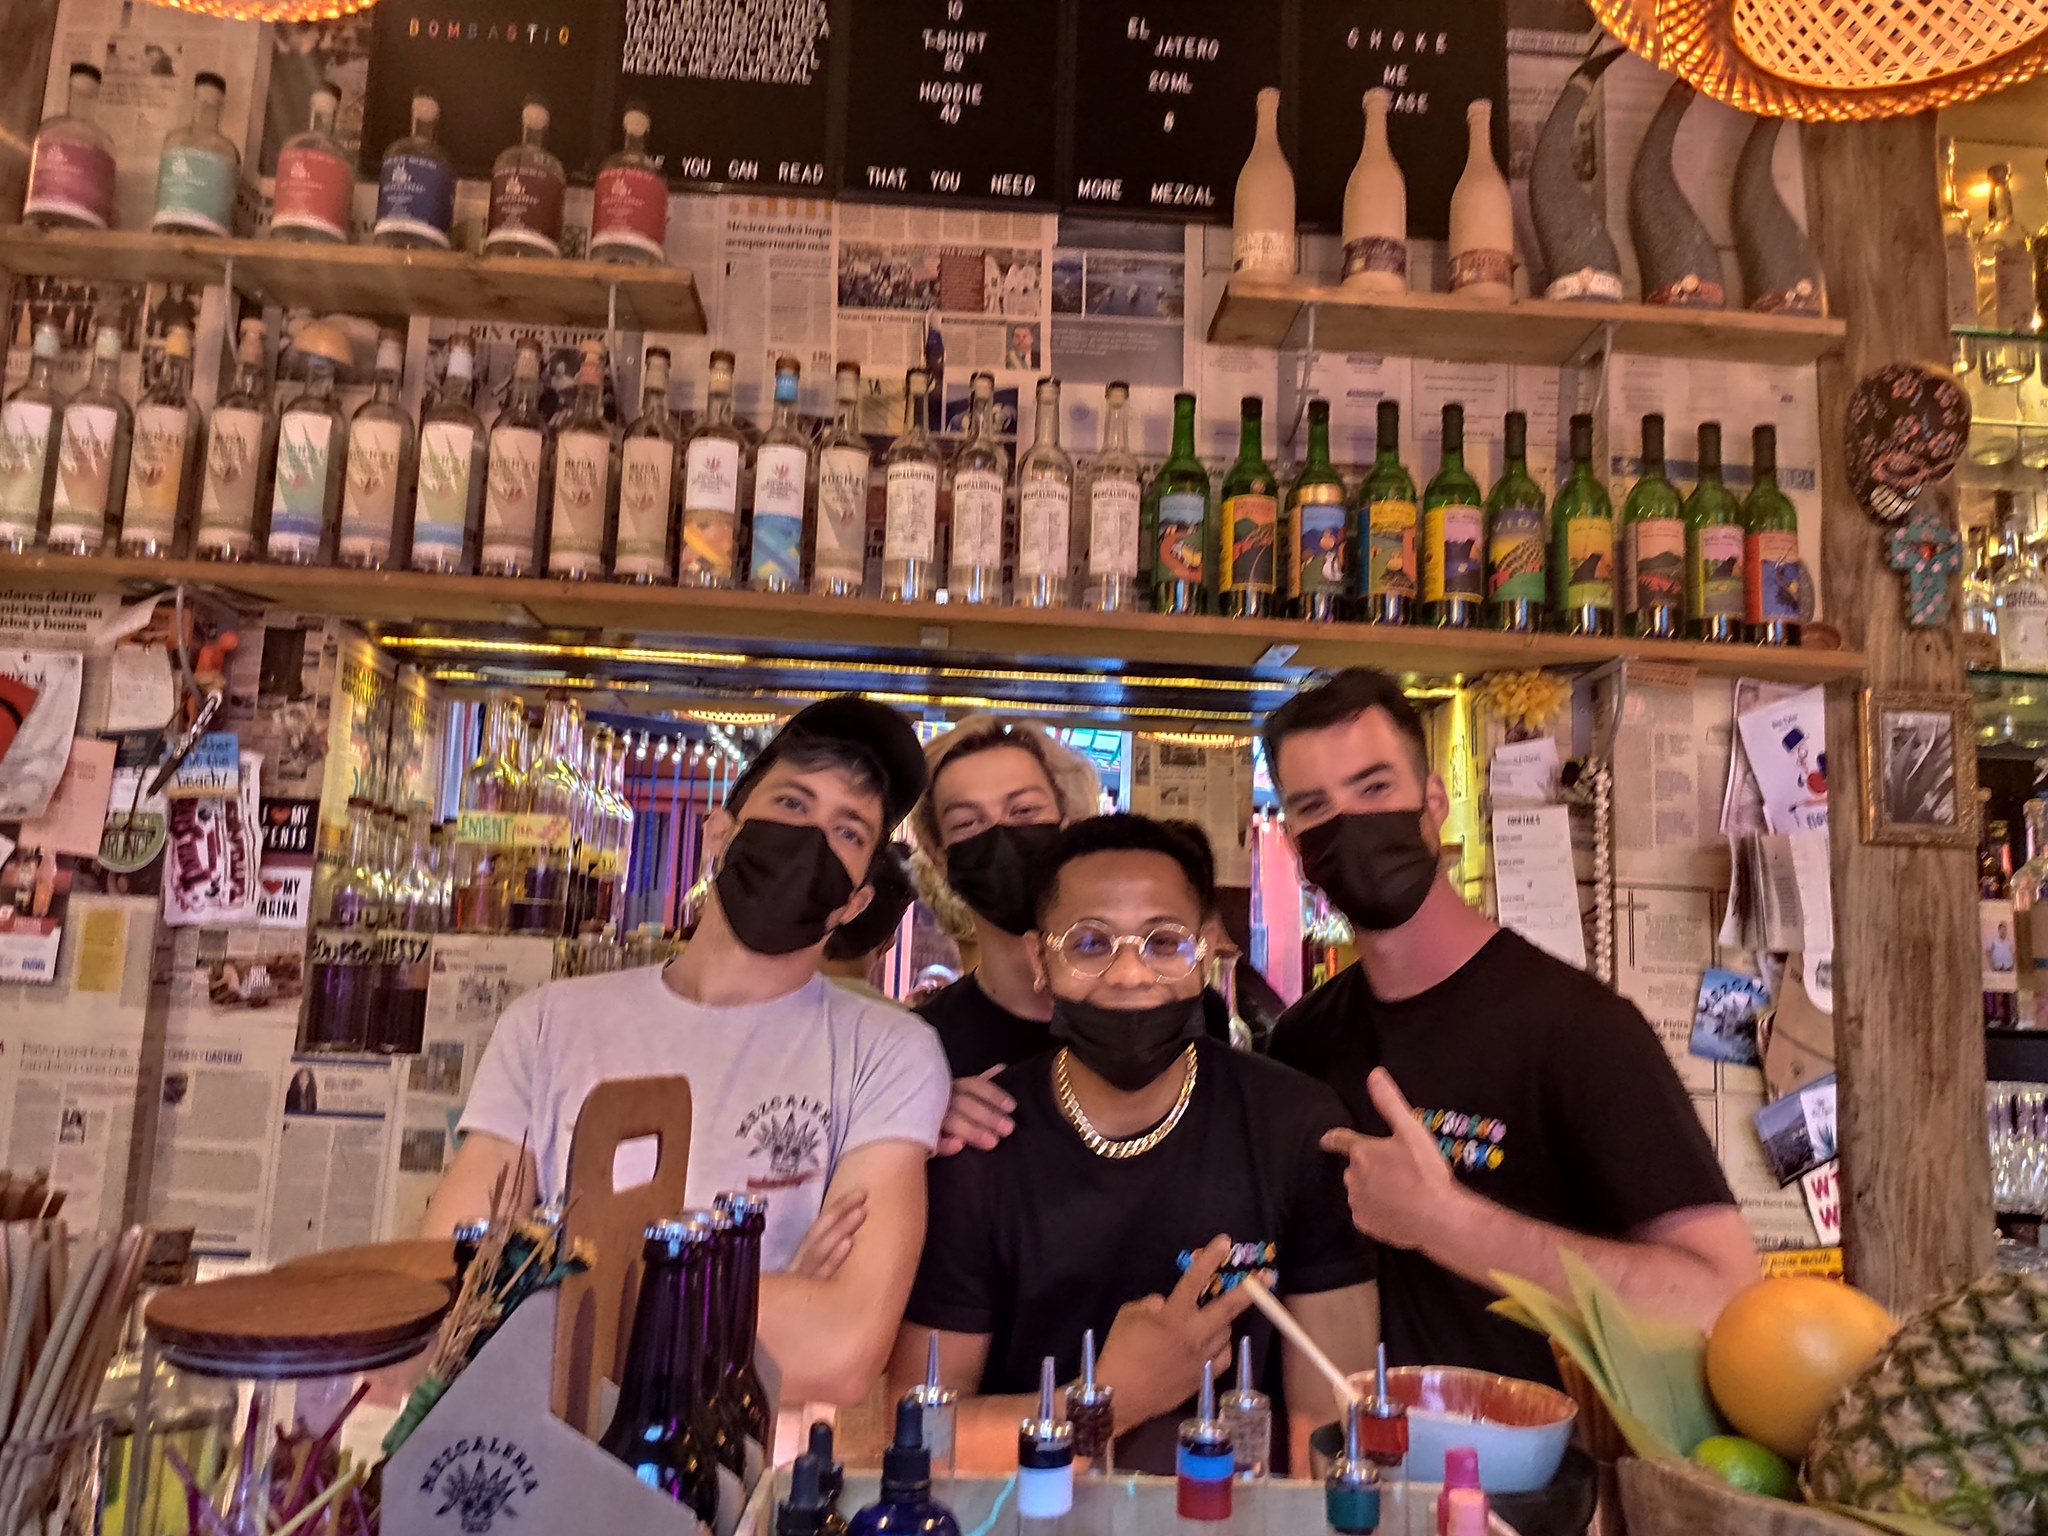 La Mezcaleria Paris - Equipe de barmans avec Mickael Kernoa